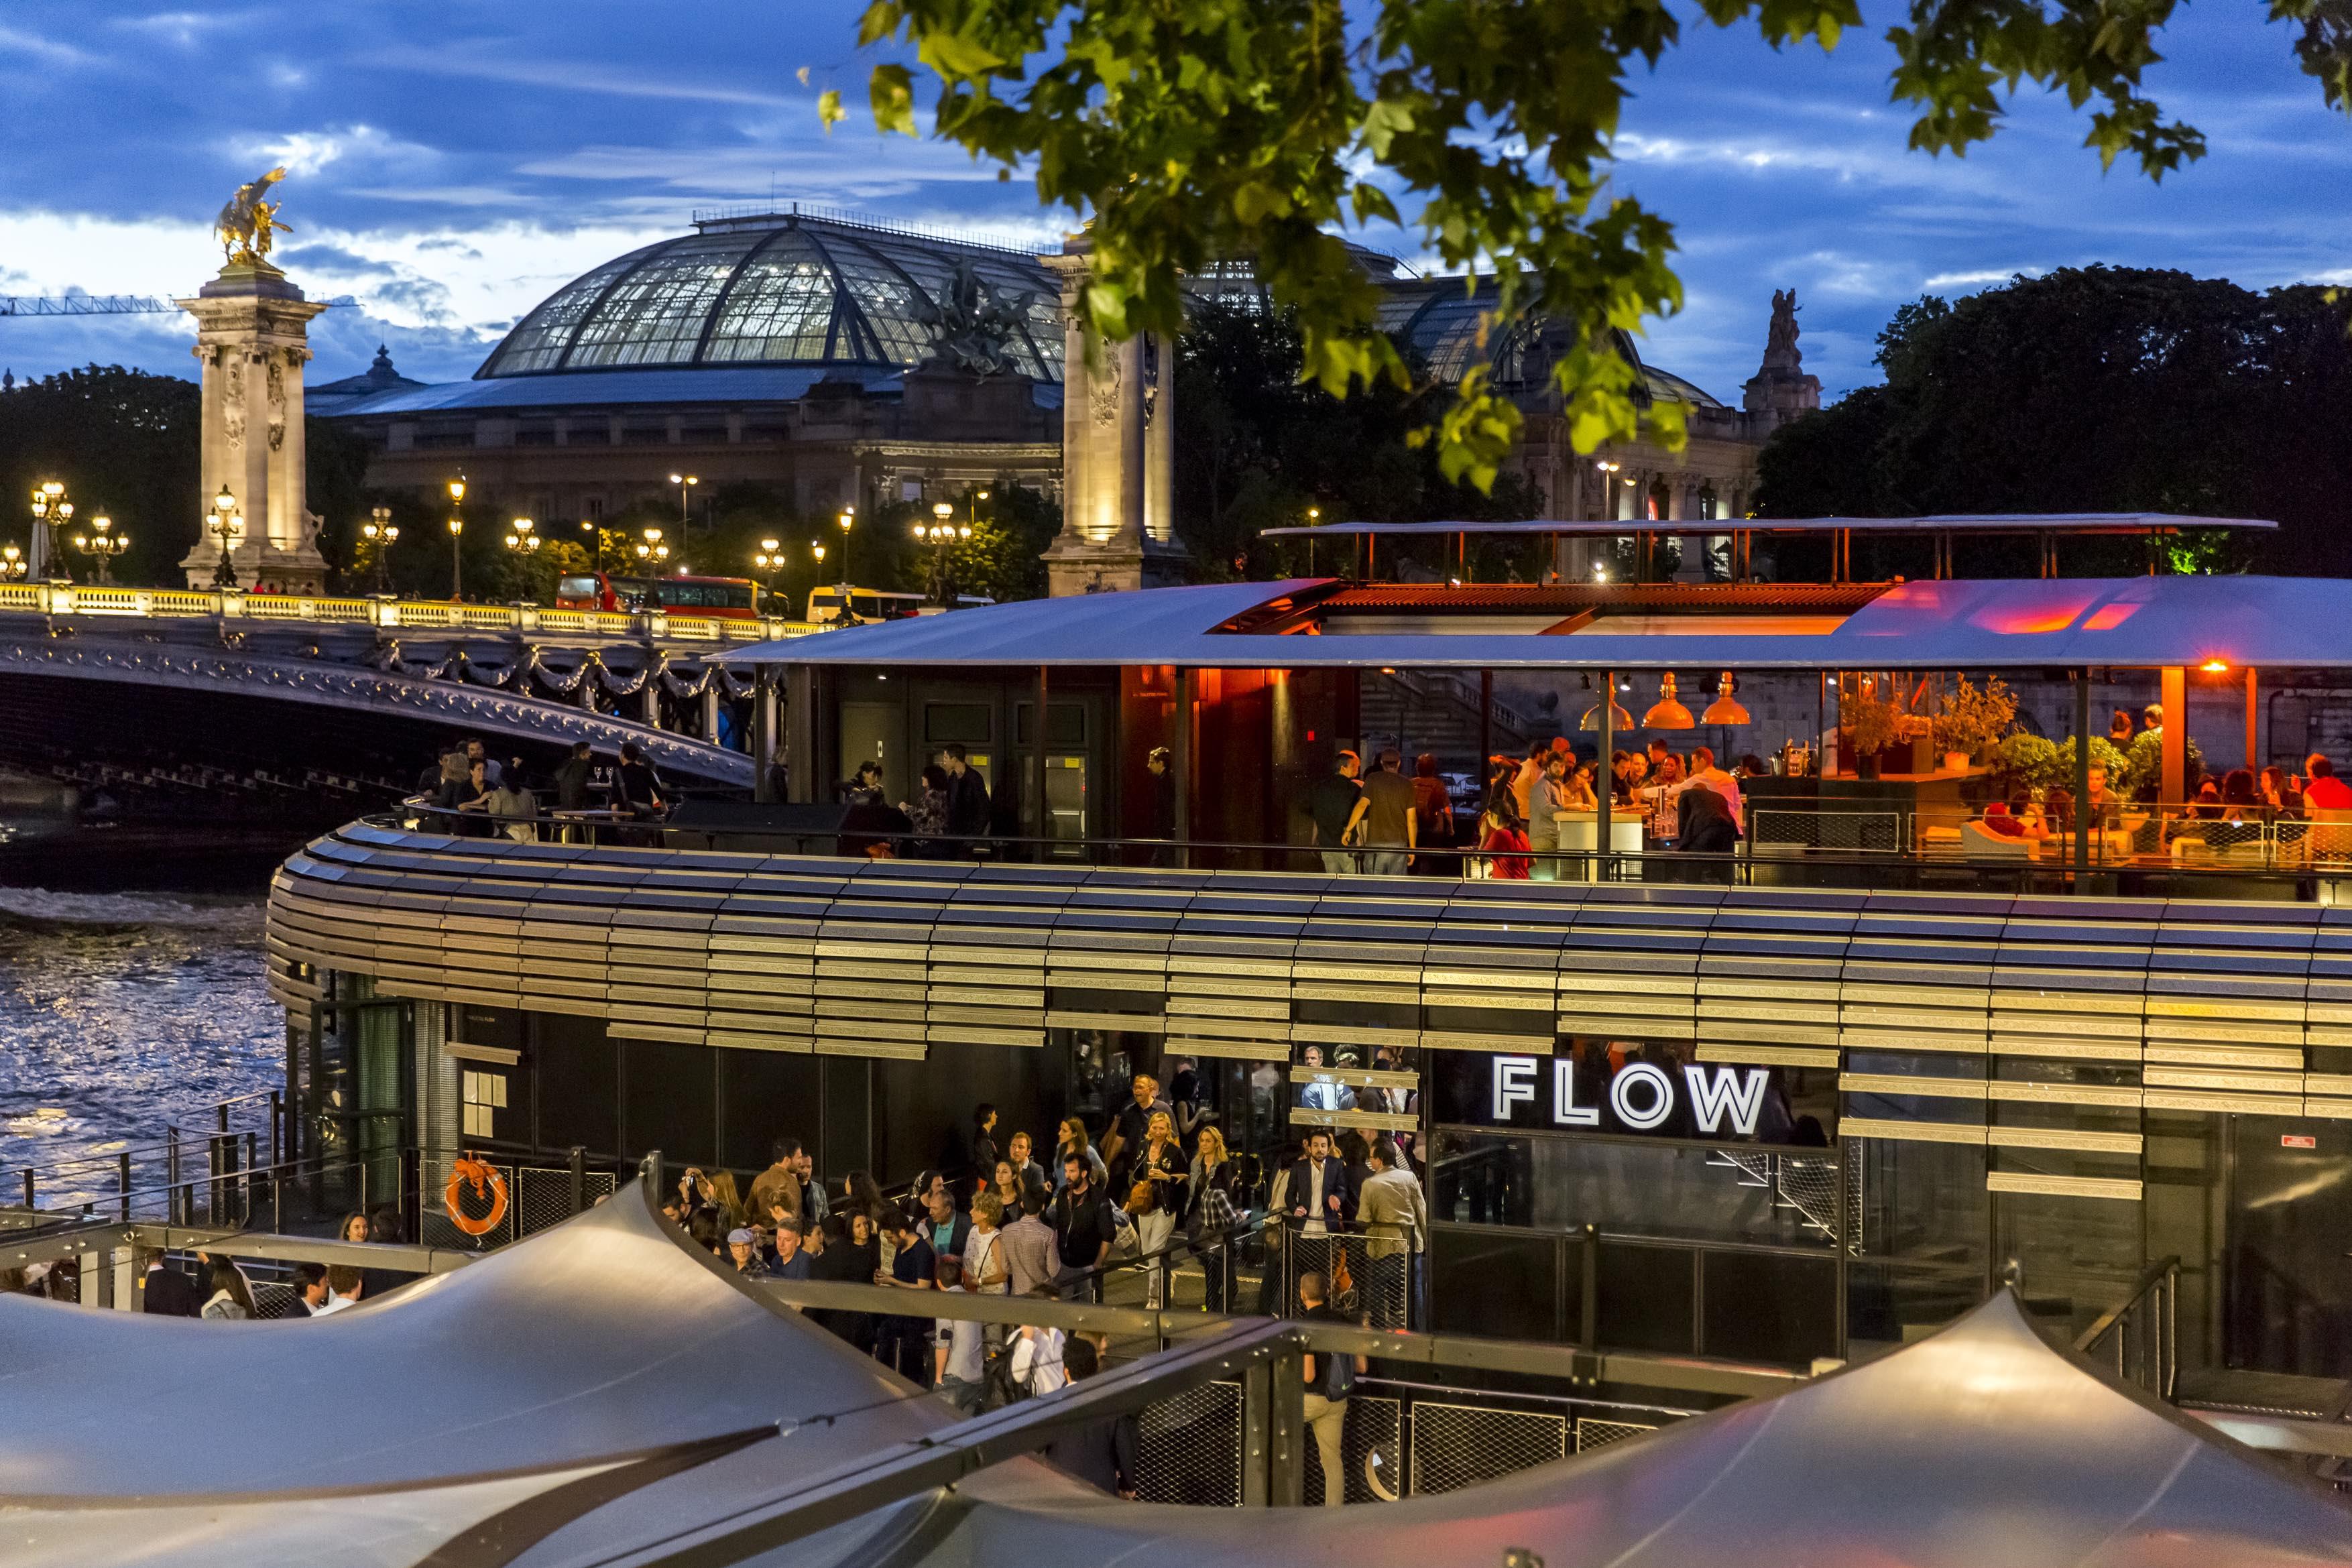 Le Flow Restaurant Paris